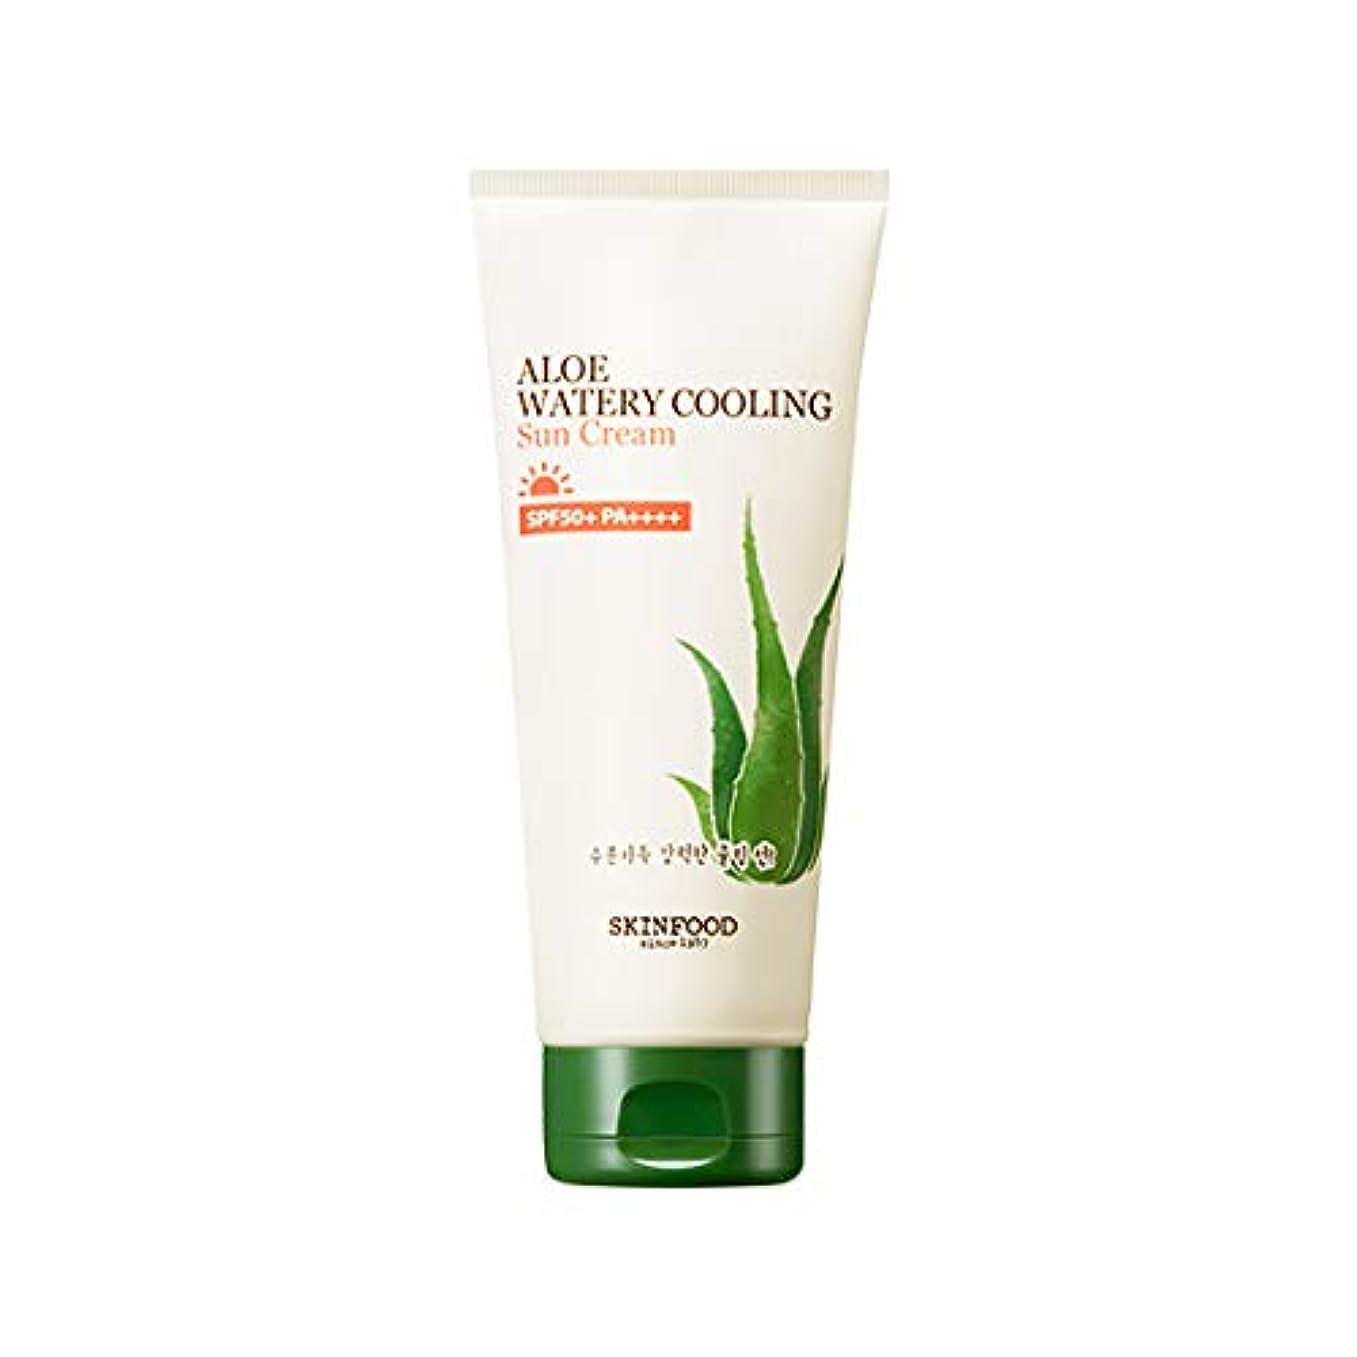 ルネッサンス美しい財産Skinfood アロエ水冷サンクリーム/Aloe Water Cooling Sun Cream 200g [並行輸入品]